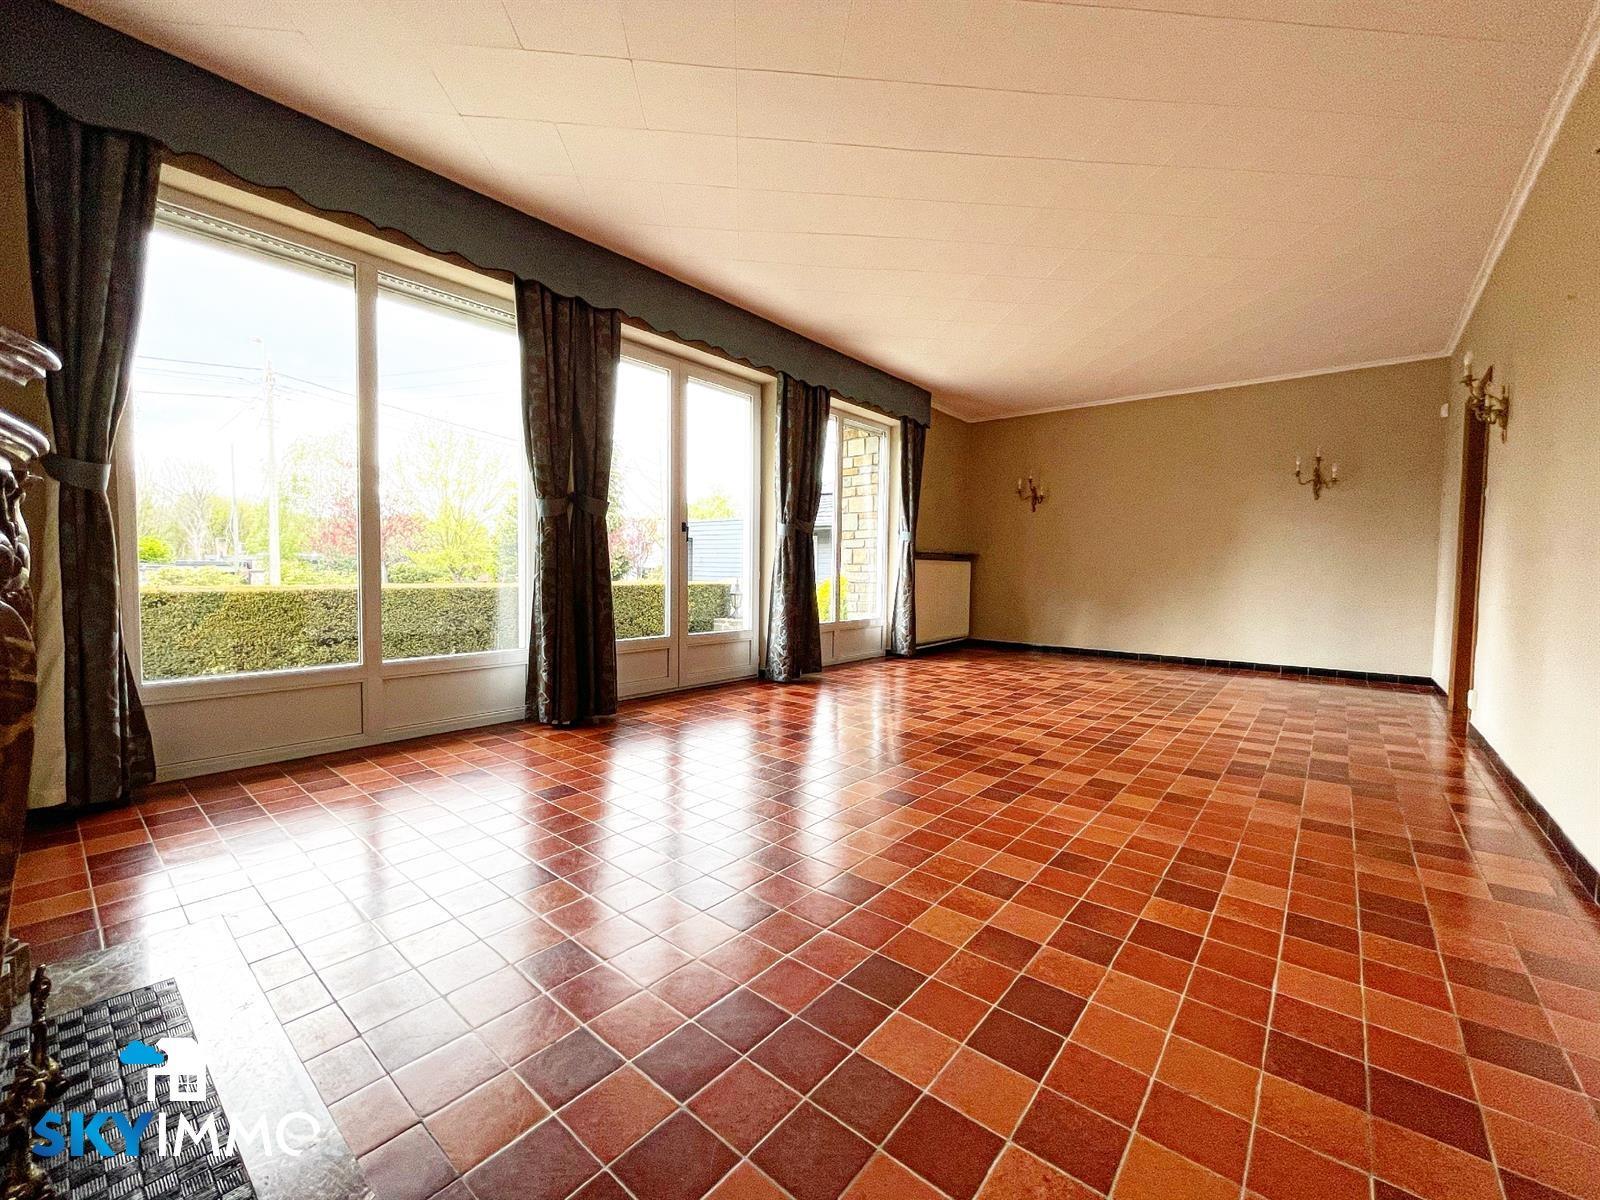 Huis - Liege - #4401919-7